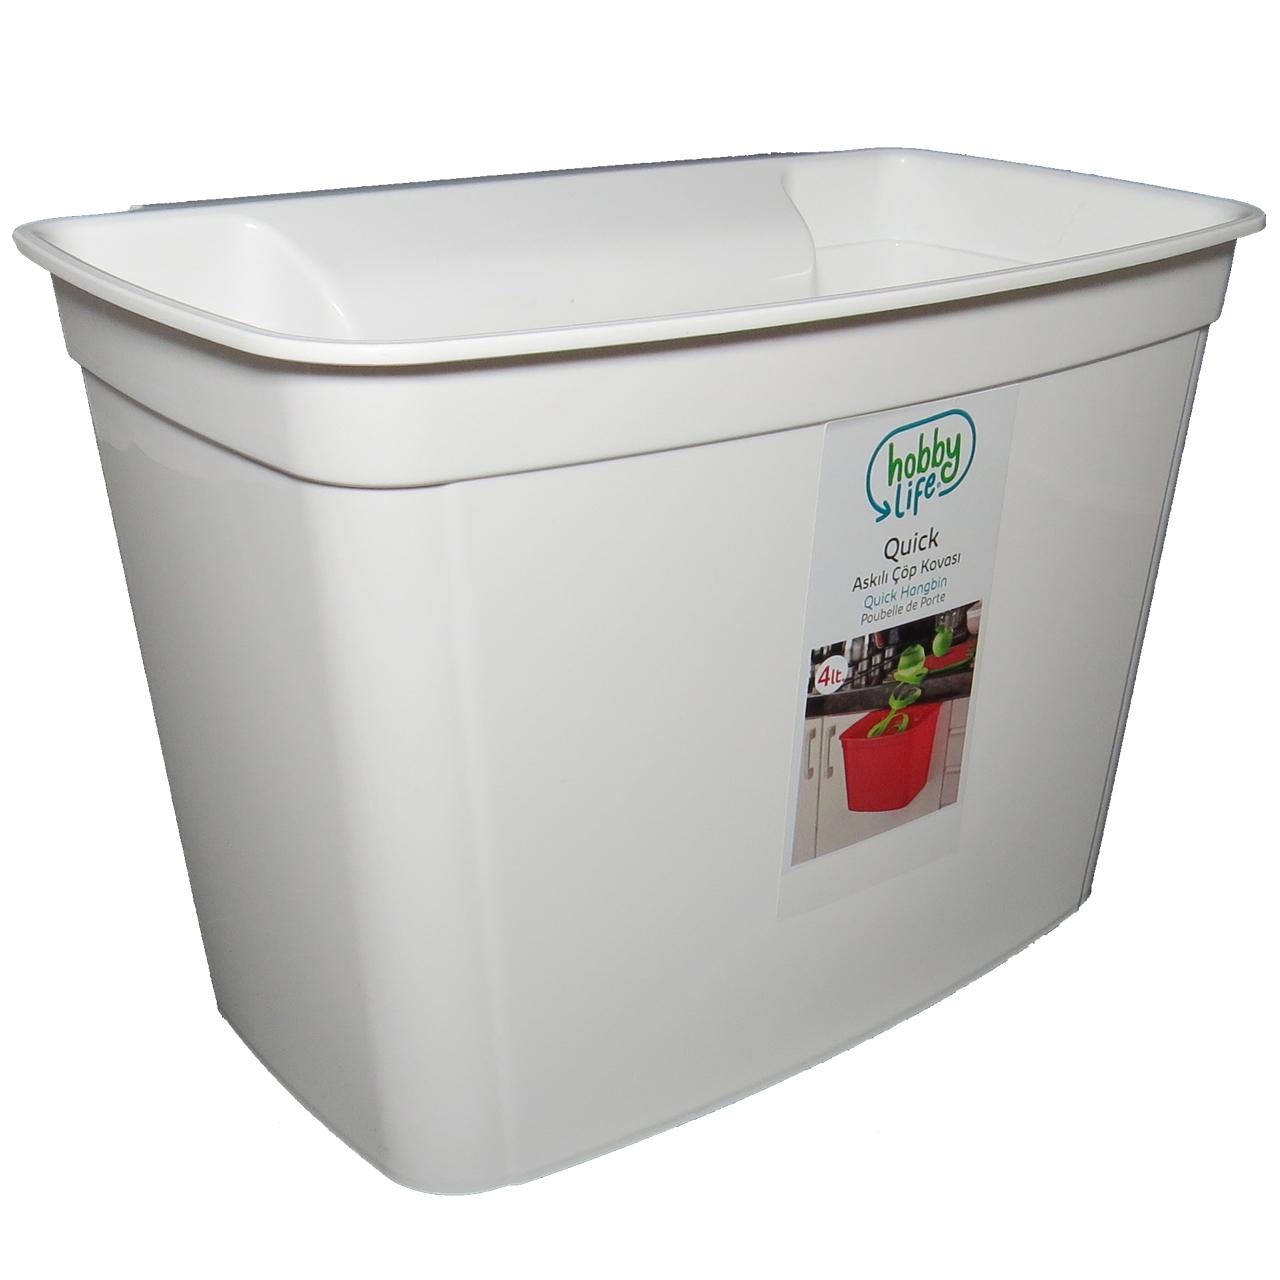 سطل زباله هوبی لایف مدل 02